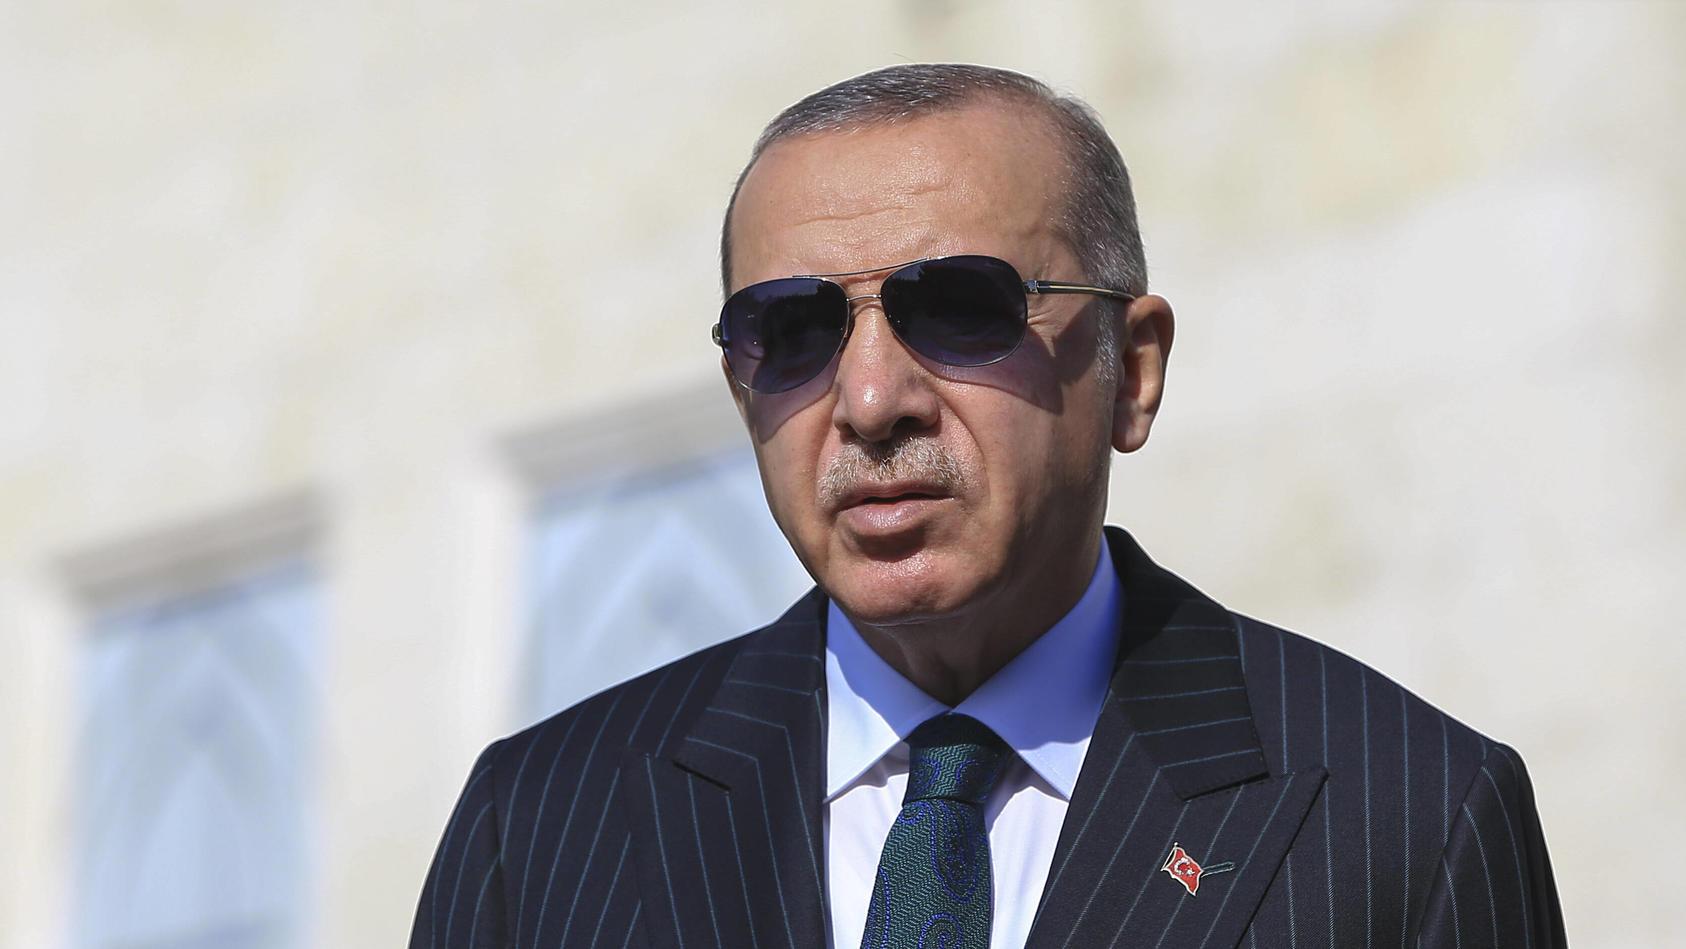 """Der türkische Präsident Recep Tayyip Erdogan hat die Durchsuchung einer Moschee in Berlin durch die Polizei als """"islamfeindlich"""" und """"rassistisch"""" kritisiert."""